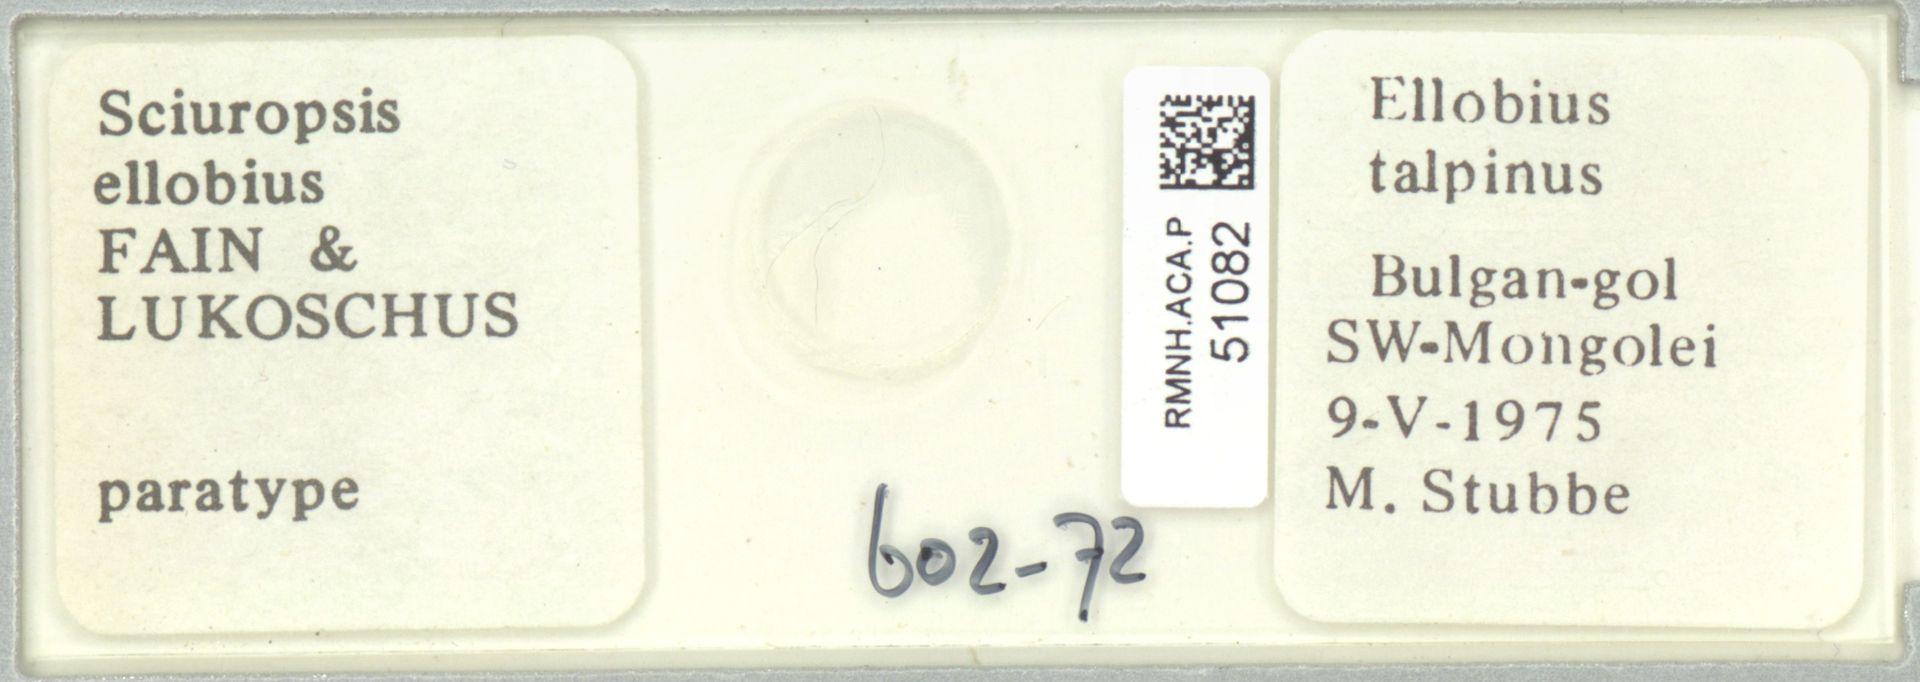 RMNH.ACA.P.51082 | Sciuropsis ellobius Fain & Lukoschus